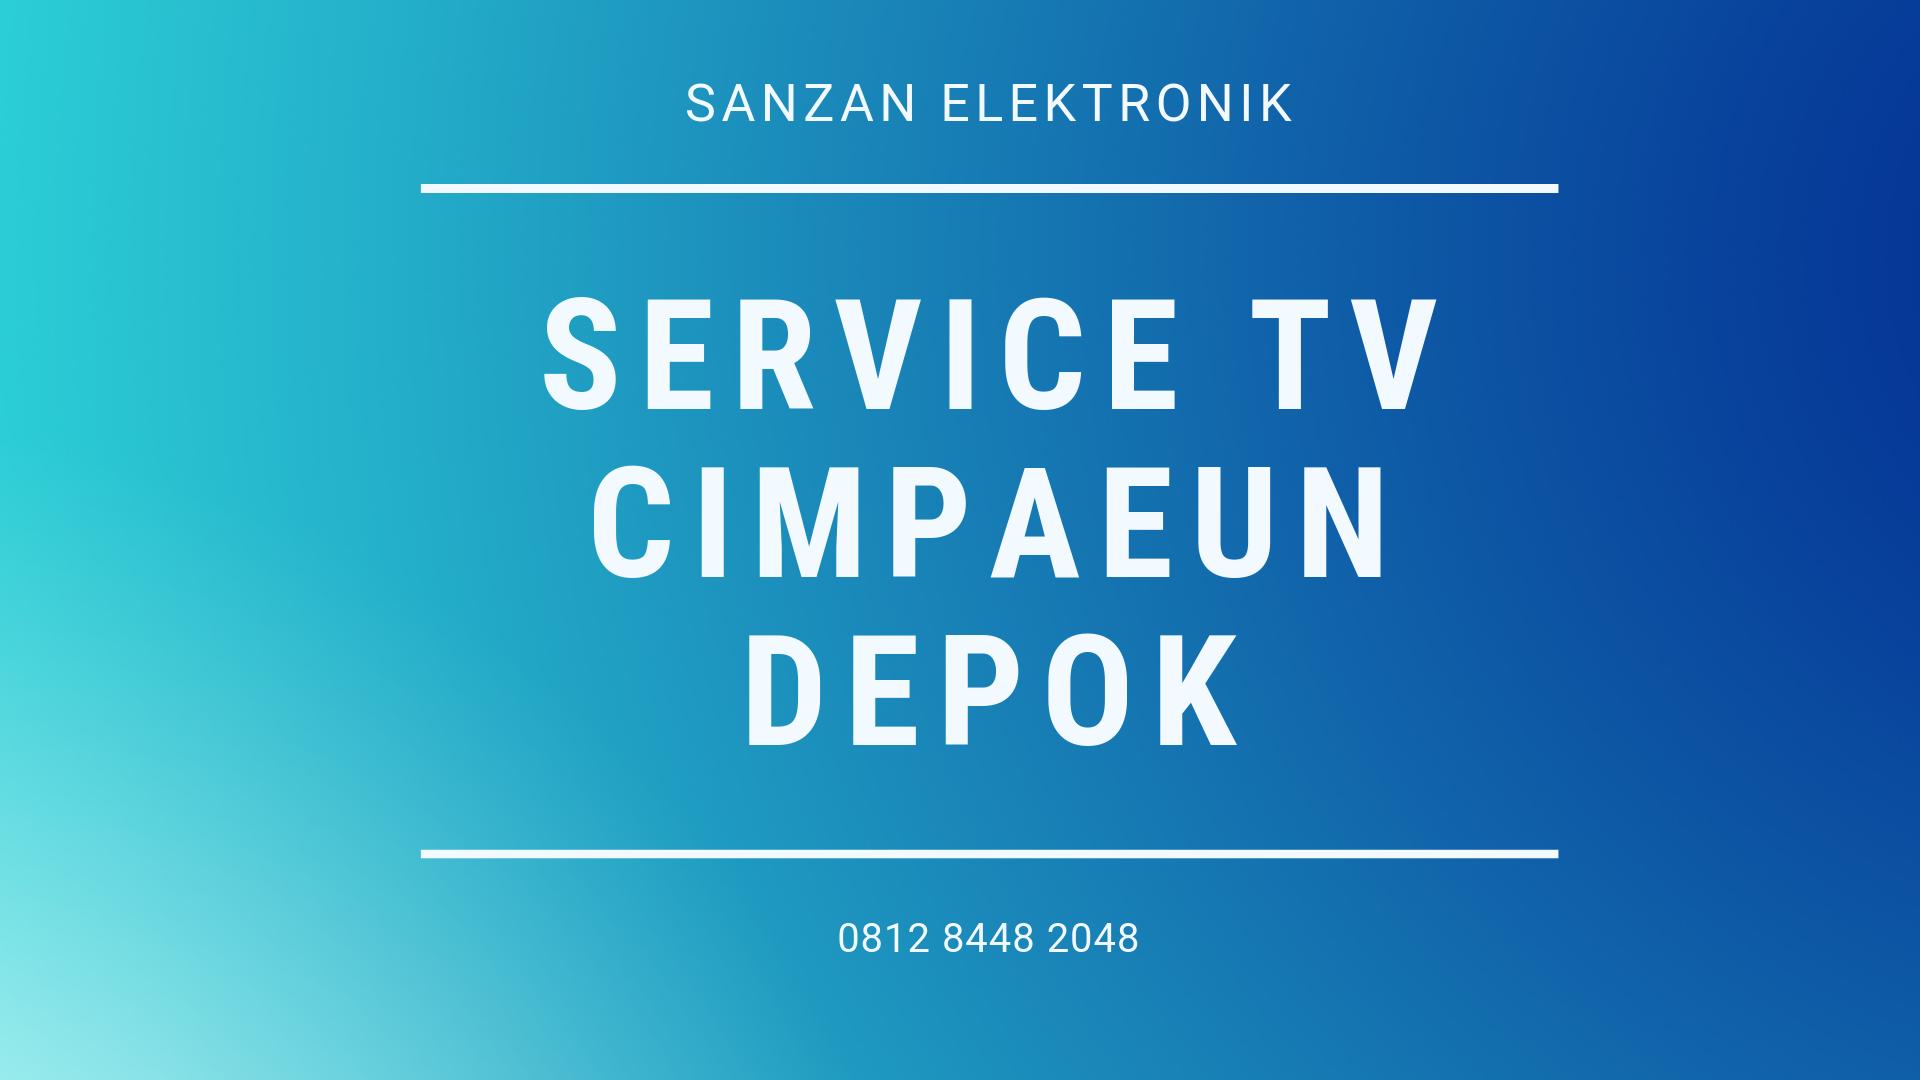 Service TV Cimpaeun Depok